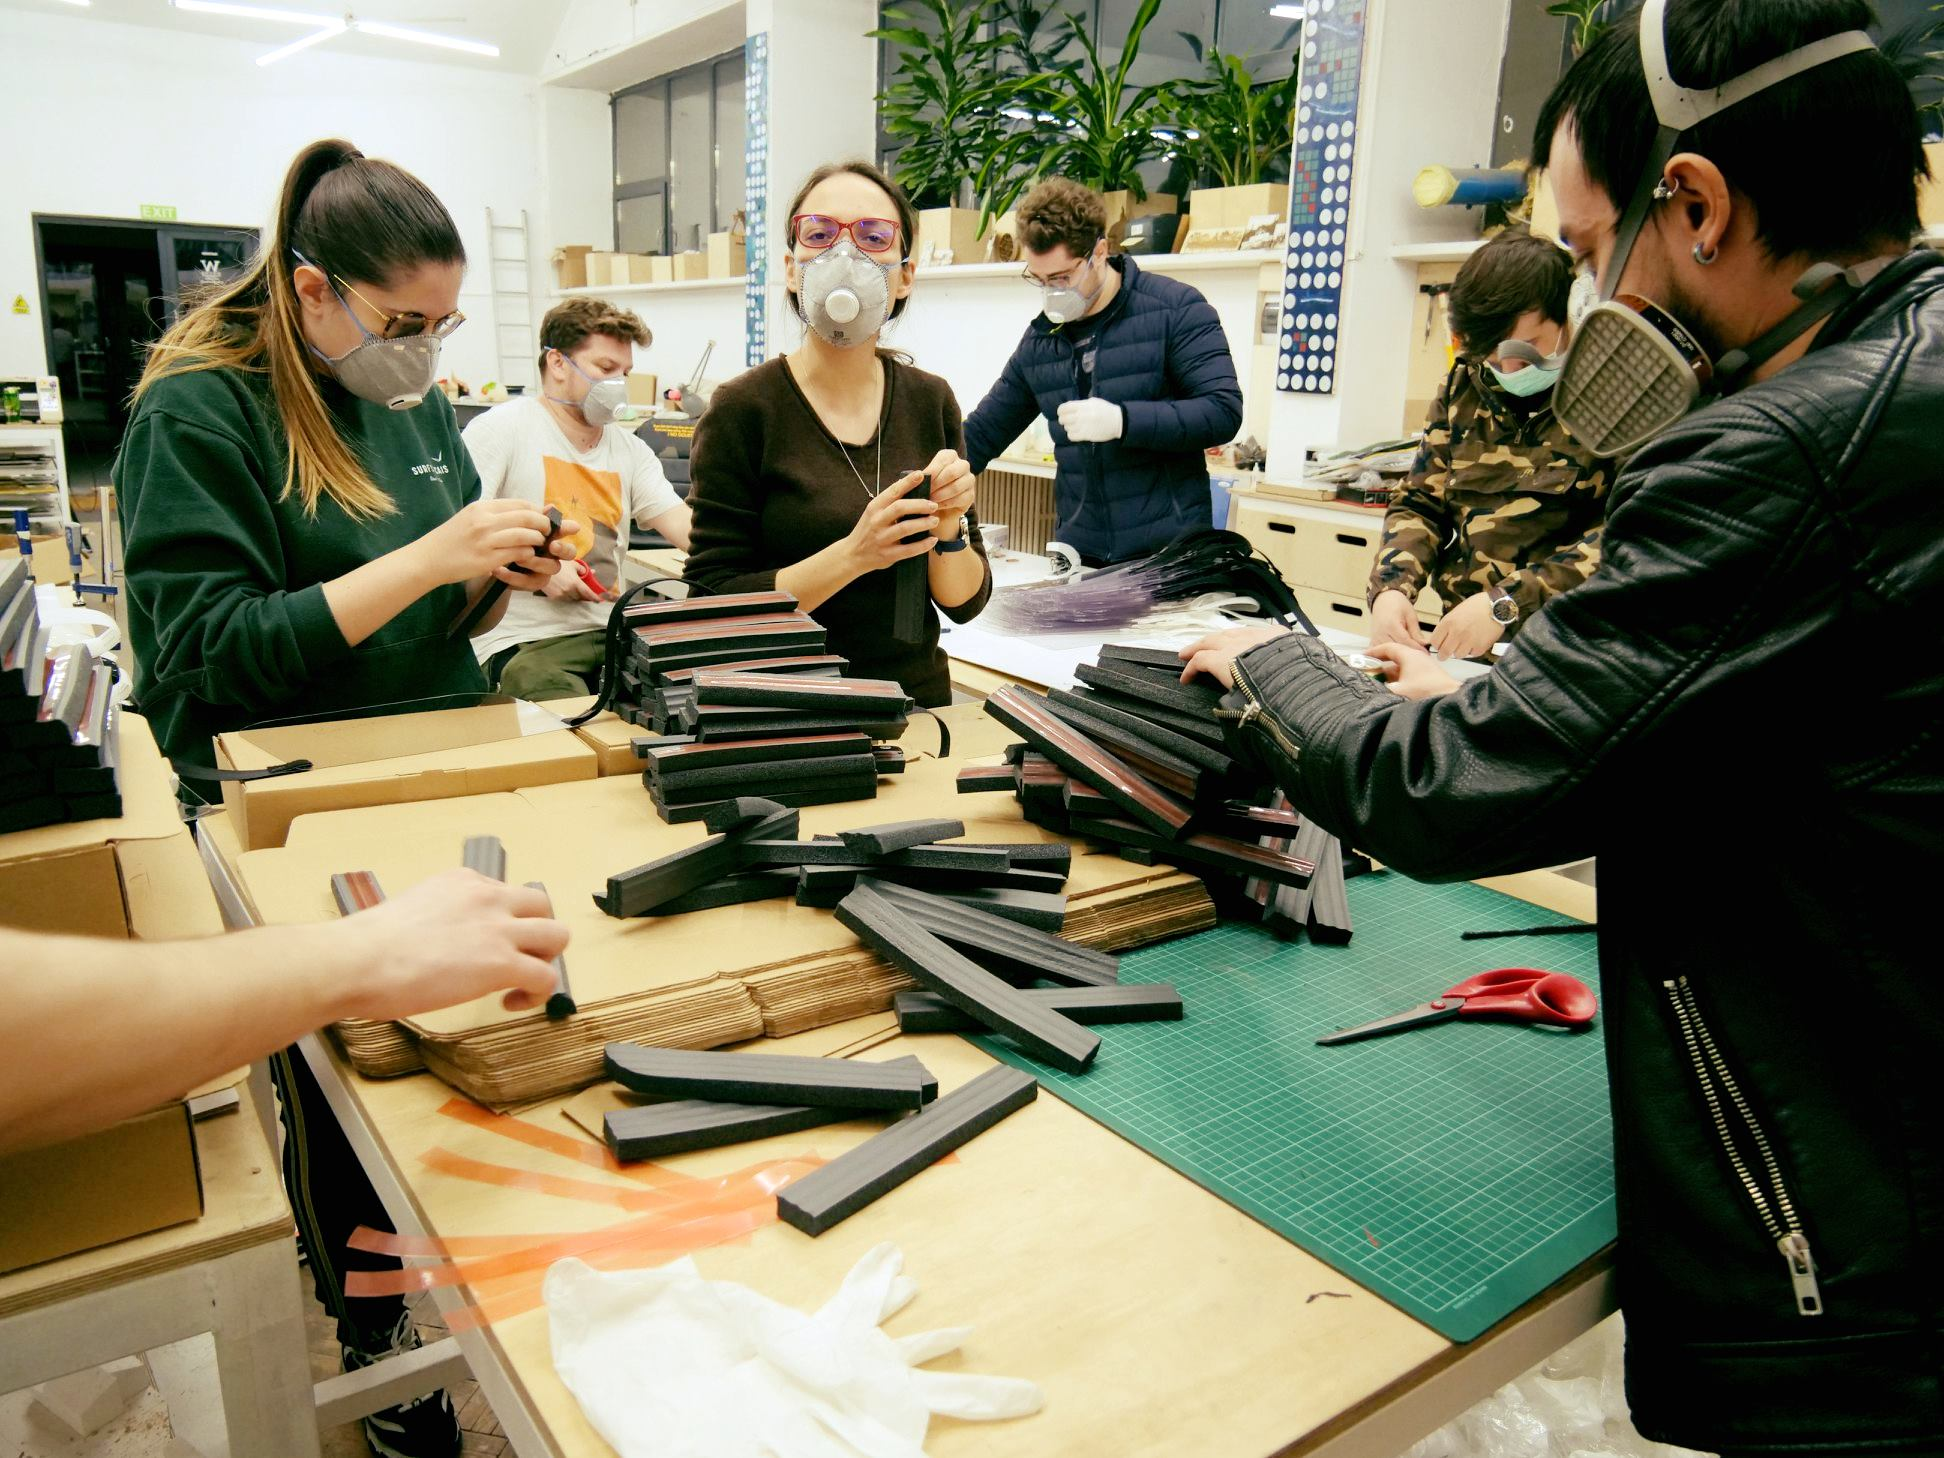 """Studenţi de la UMF """"Carol Davila"""" lucrează la soluţii de protecţie inovatoare împotriva COVID-19"""